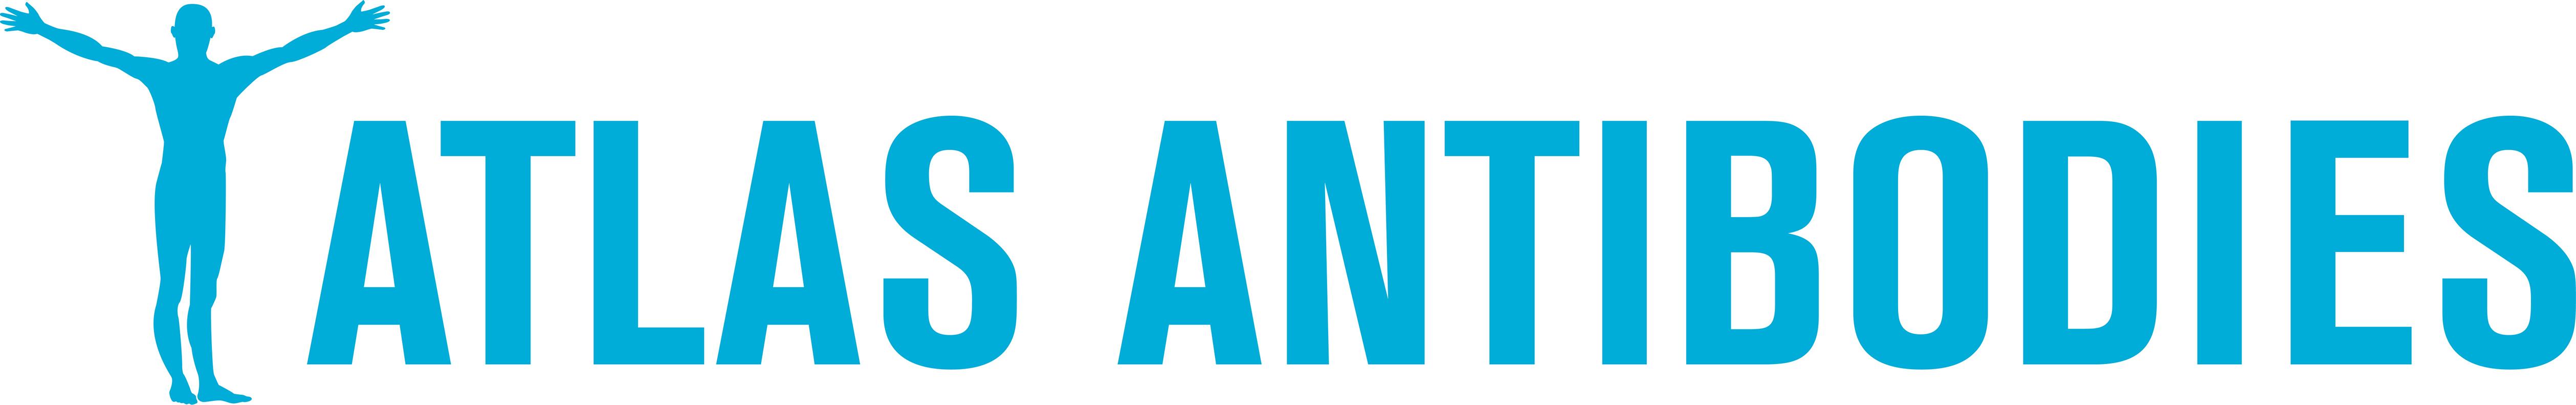 Logo - Atlas Antibodies AB